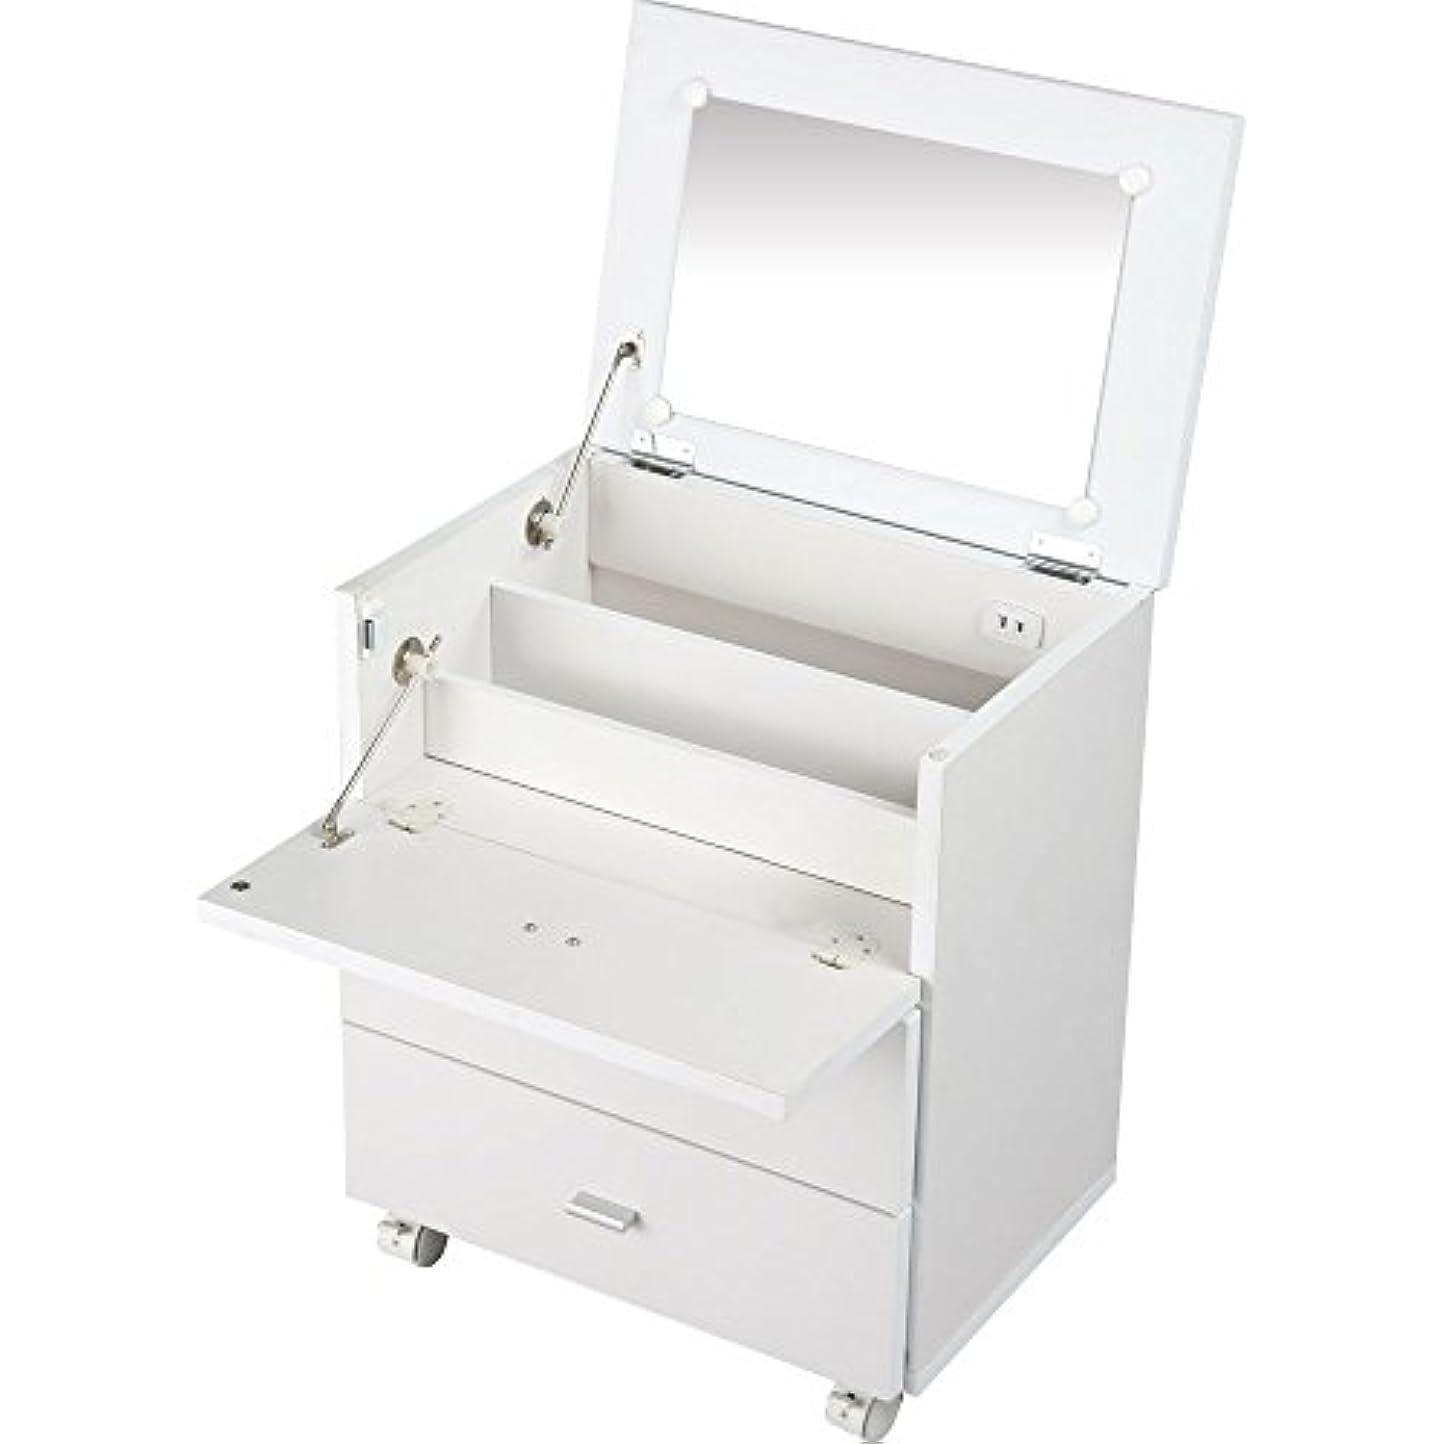 粒子泣いているにコンセント付き メイクボックス 鏡付き 鏡台 化粧箱 コスメボックス メイクボックス 収納 ボックス 化粧台